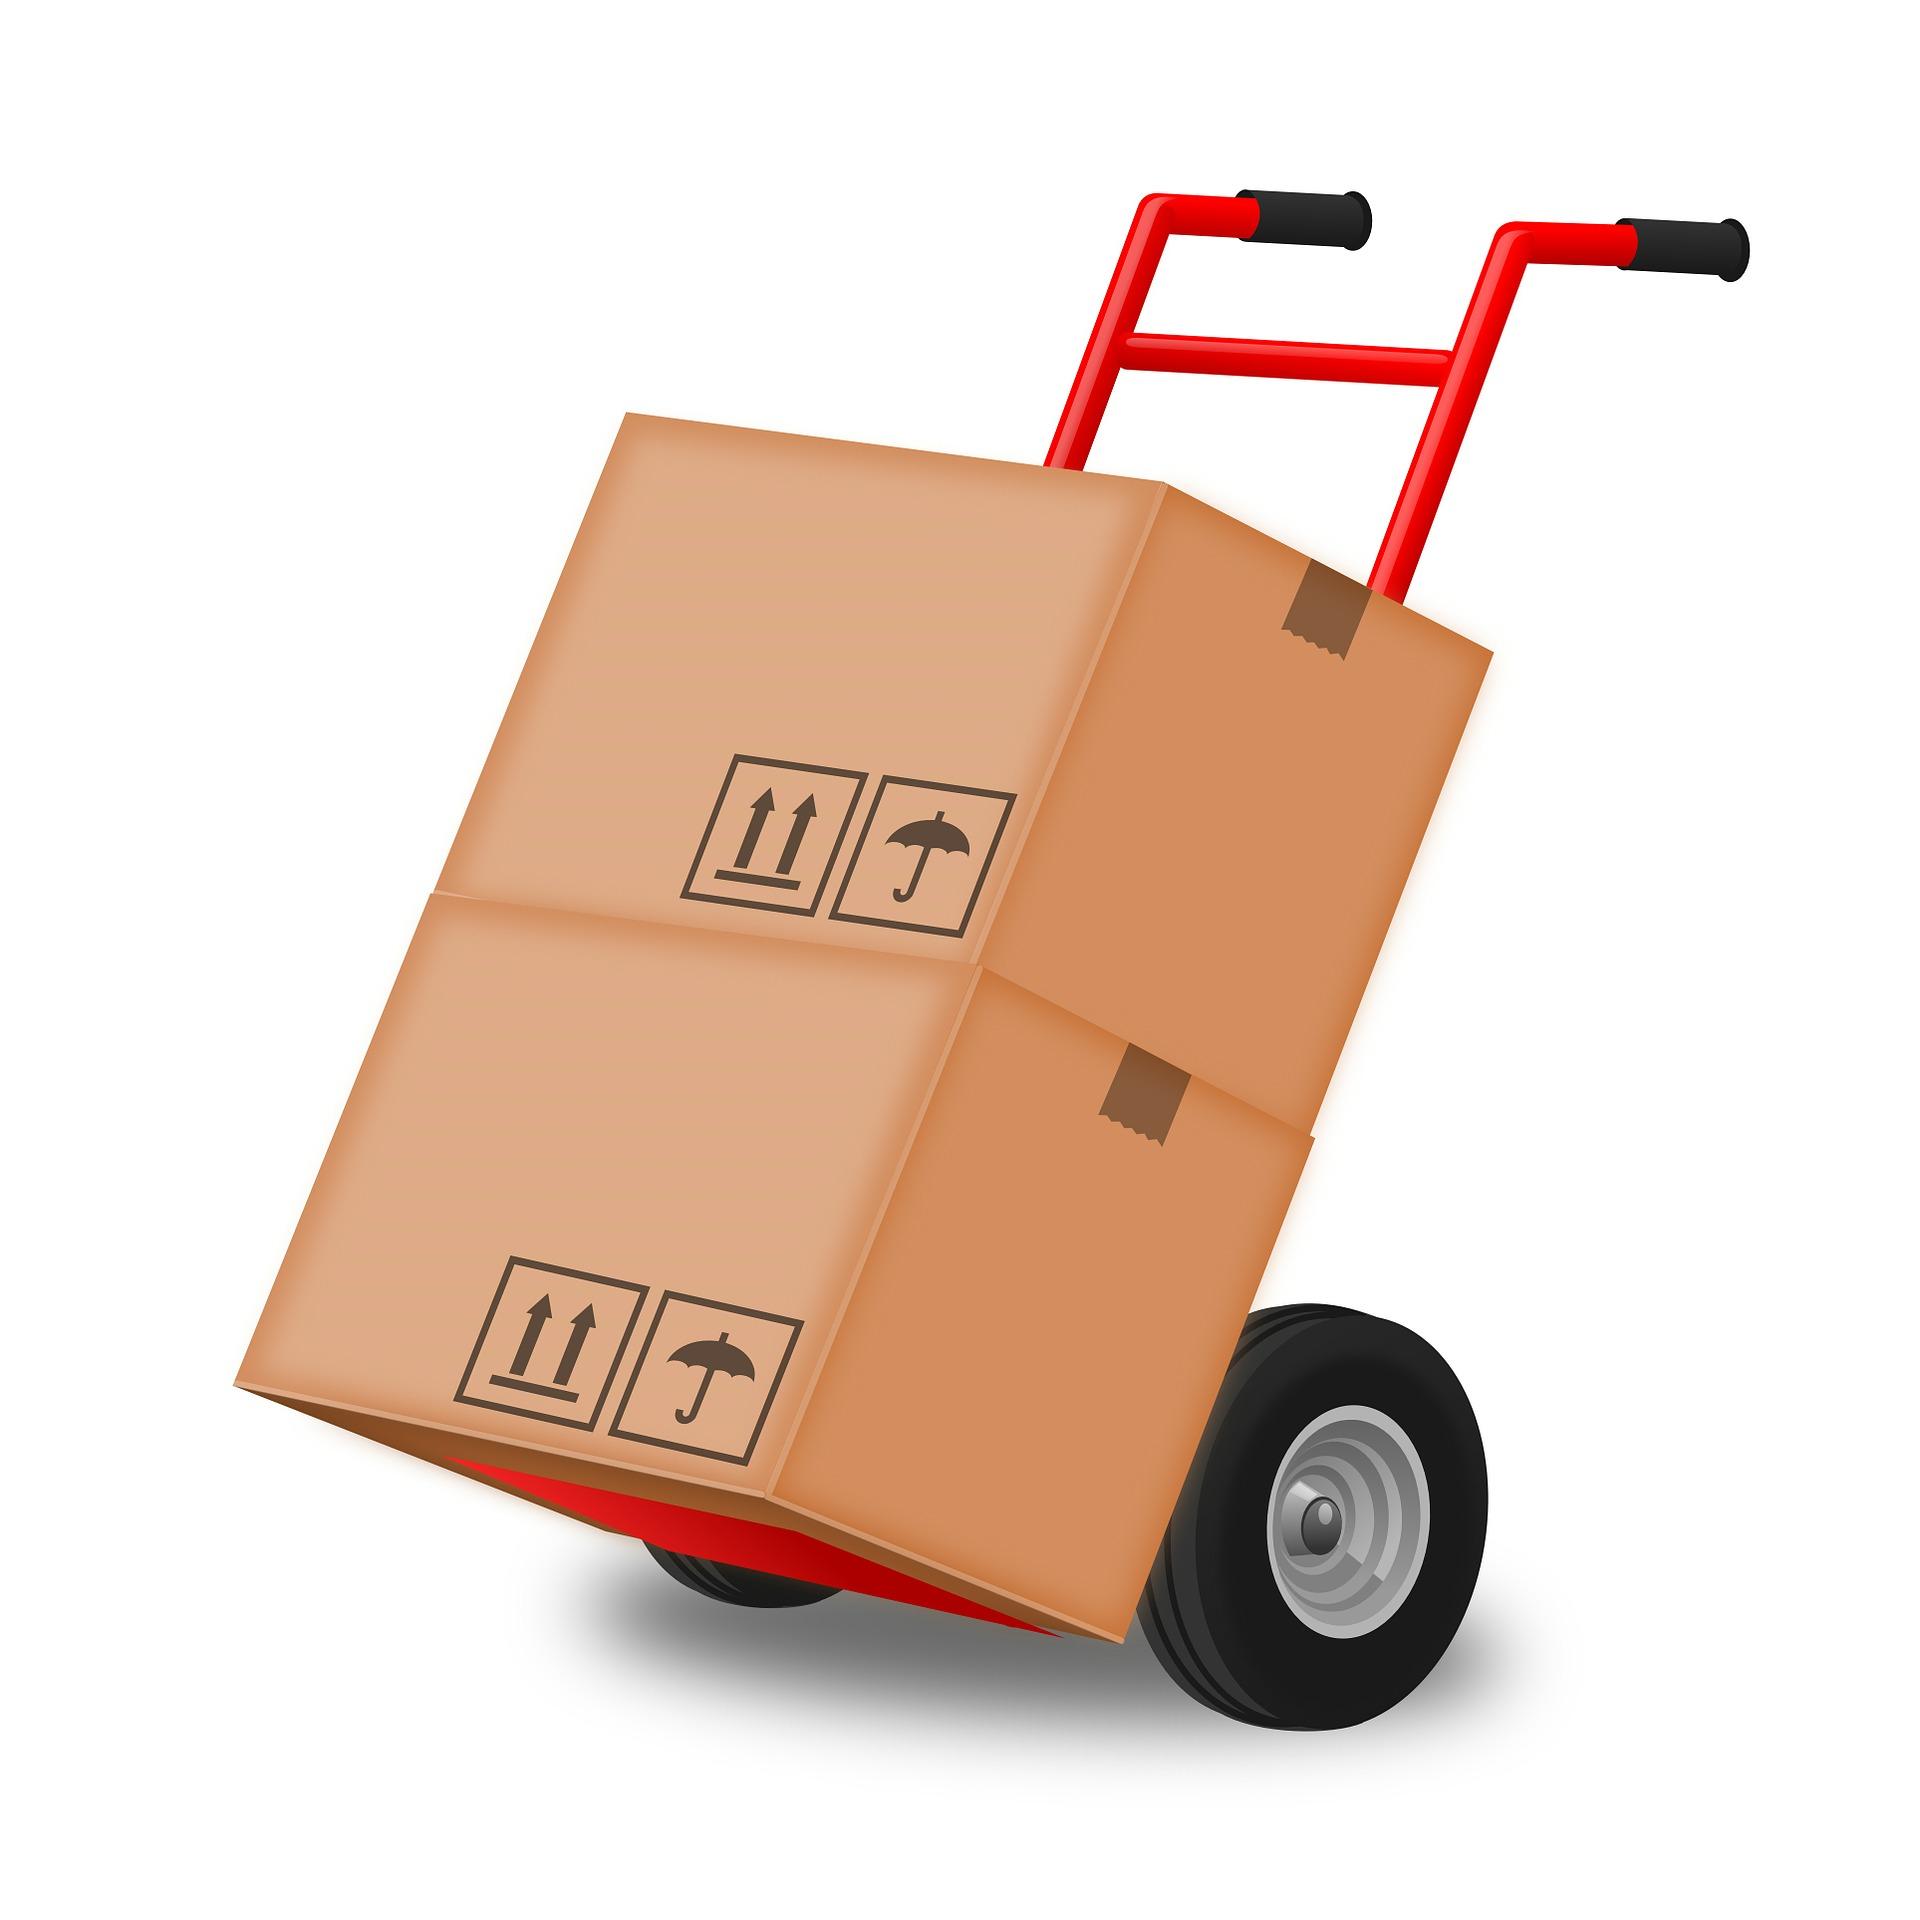 FAS Bedrijfskleding Coevorden gaat verhuizen